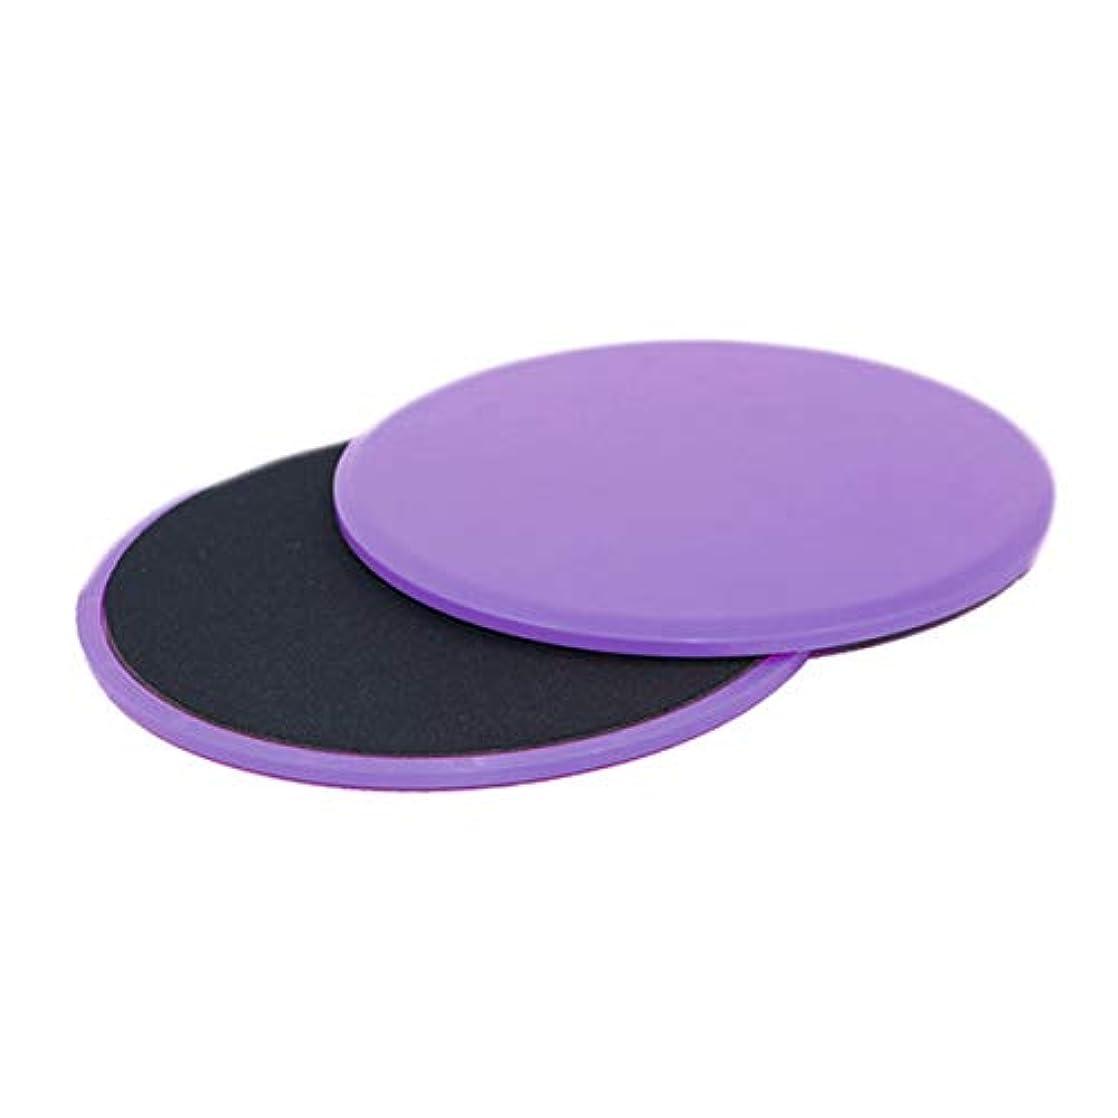 円形解決するよろめくフィットネススライドグライダーディスク調整能力フィットネスエクササイズスライダーコアトレーニング腹部および全身トレーニング-パープル